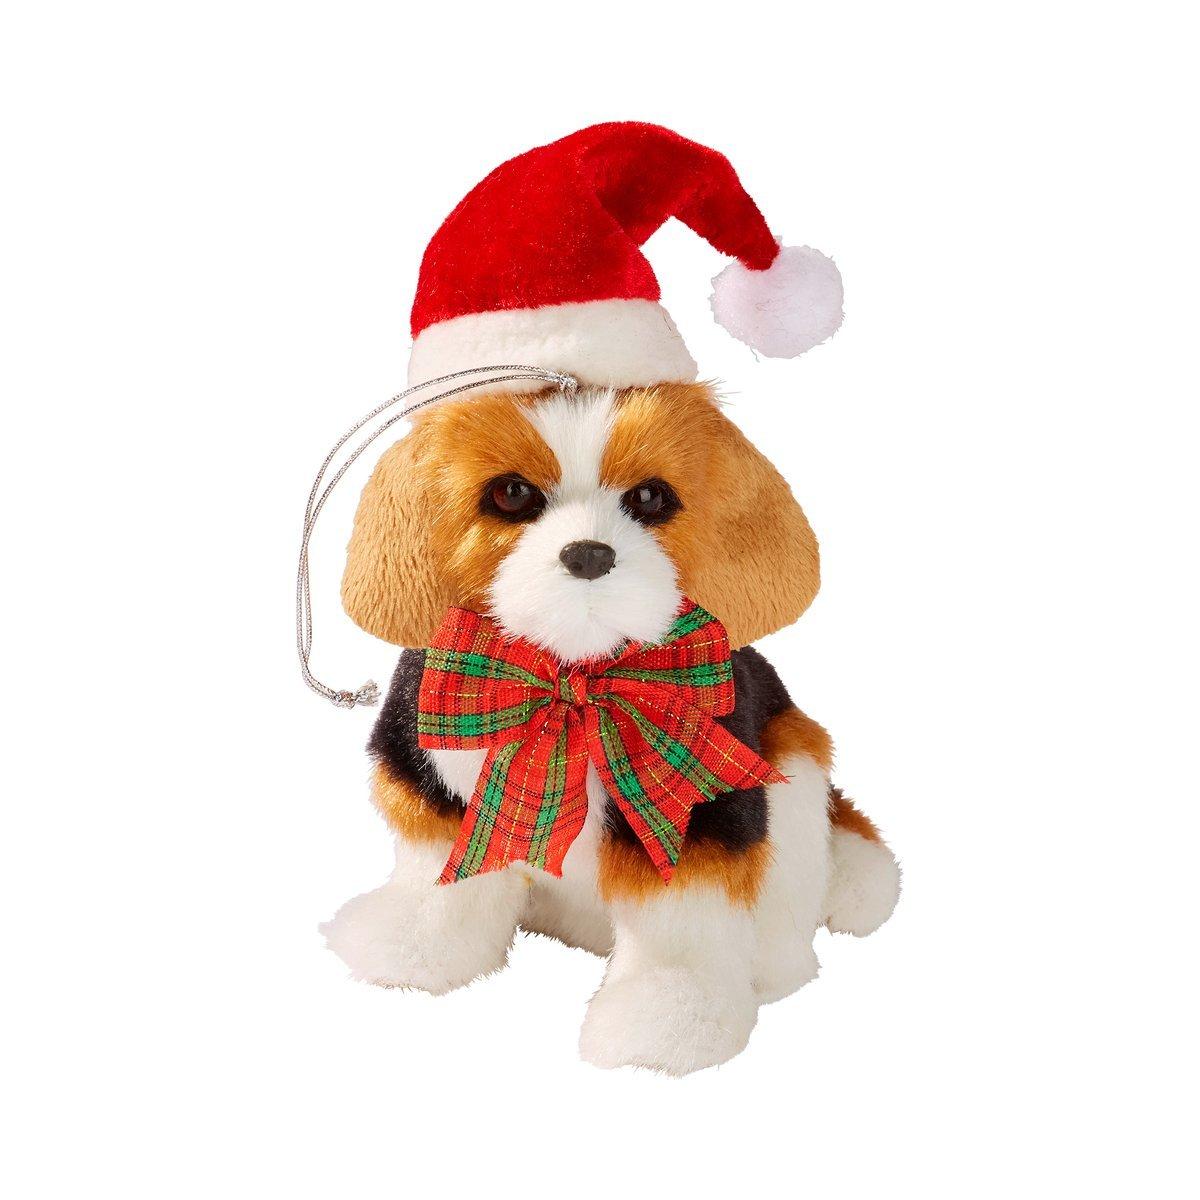 Tri Weihnachts-Hund, Deko-Plüschhund mit weihnachtlicher Kleidung ...